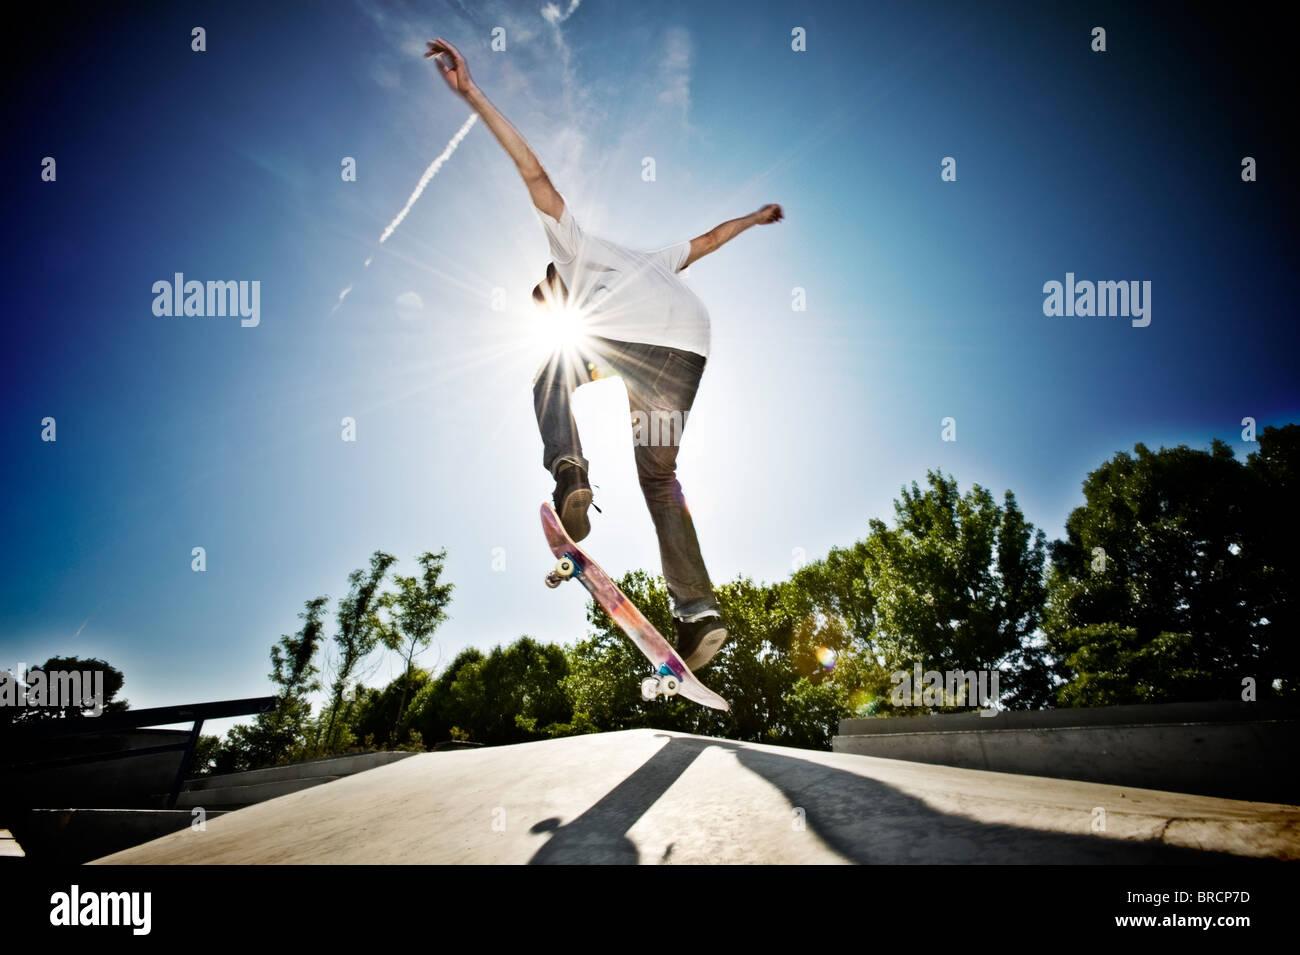 Skater haciendo un truco de monopatín Imagen De Stock